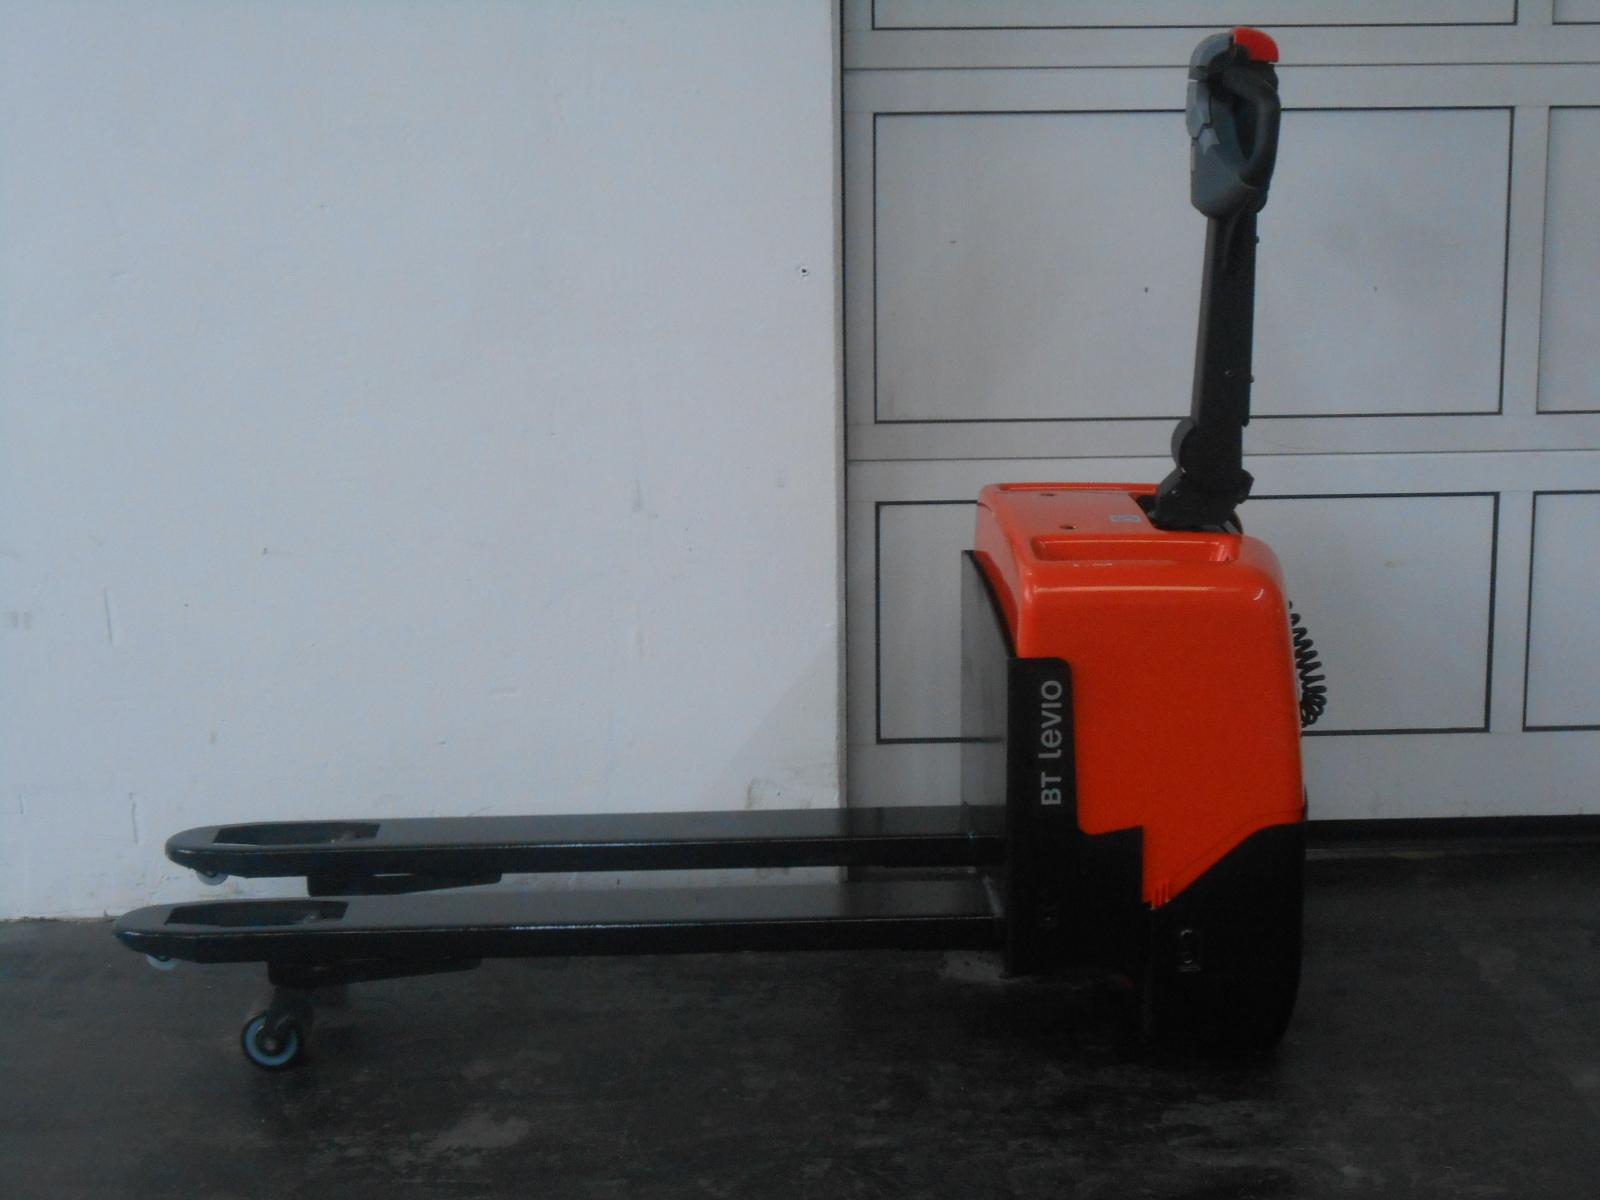 Toyota-Gabelstapler-59840 1612026682 1 3